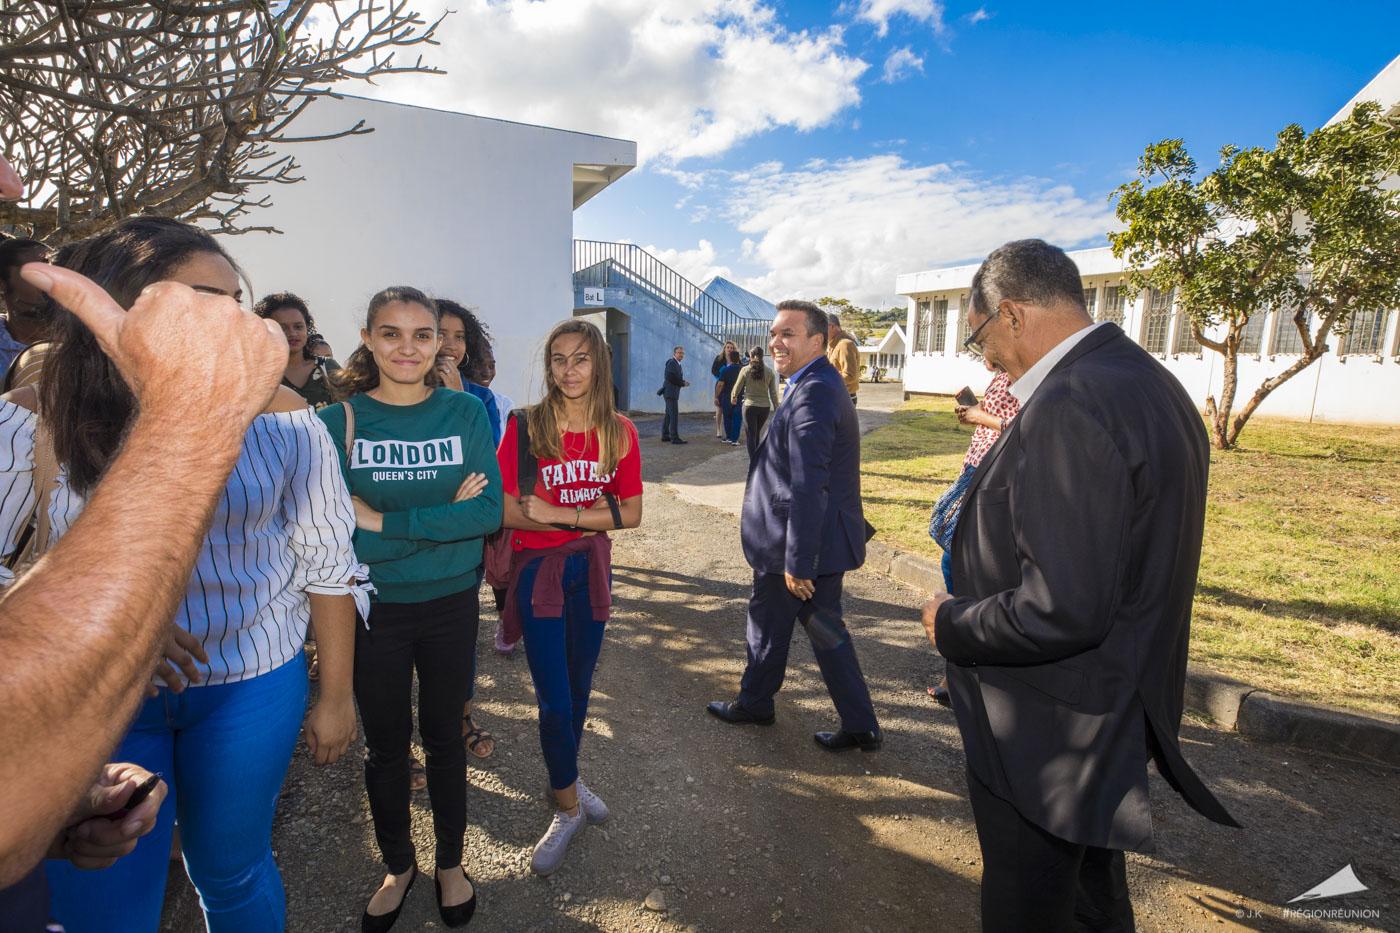 Rentrée scolaire 2018/2019 - Visite du Lycée Isnelle Amelin